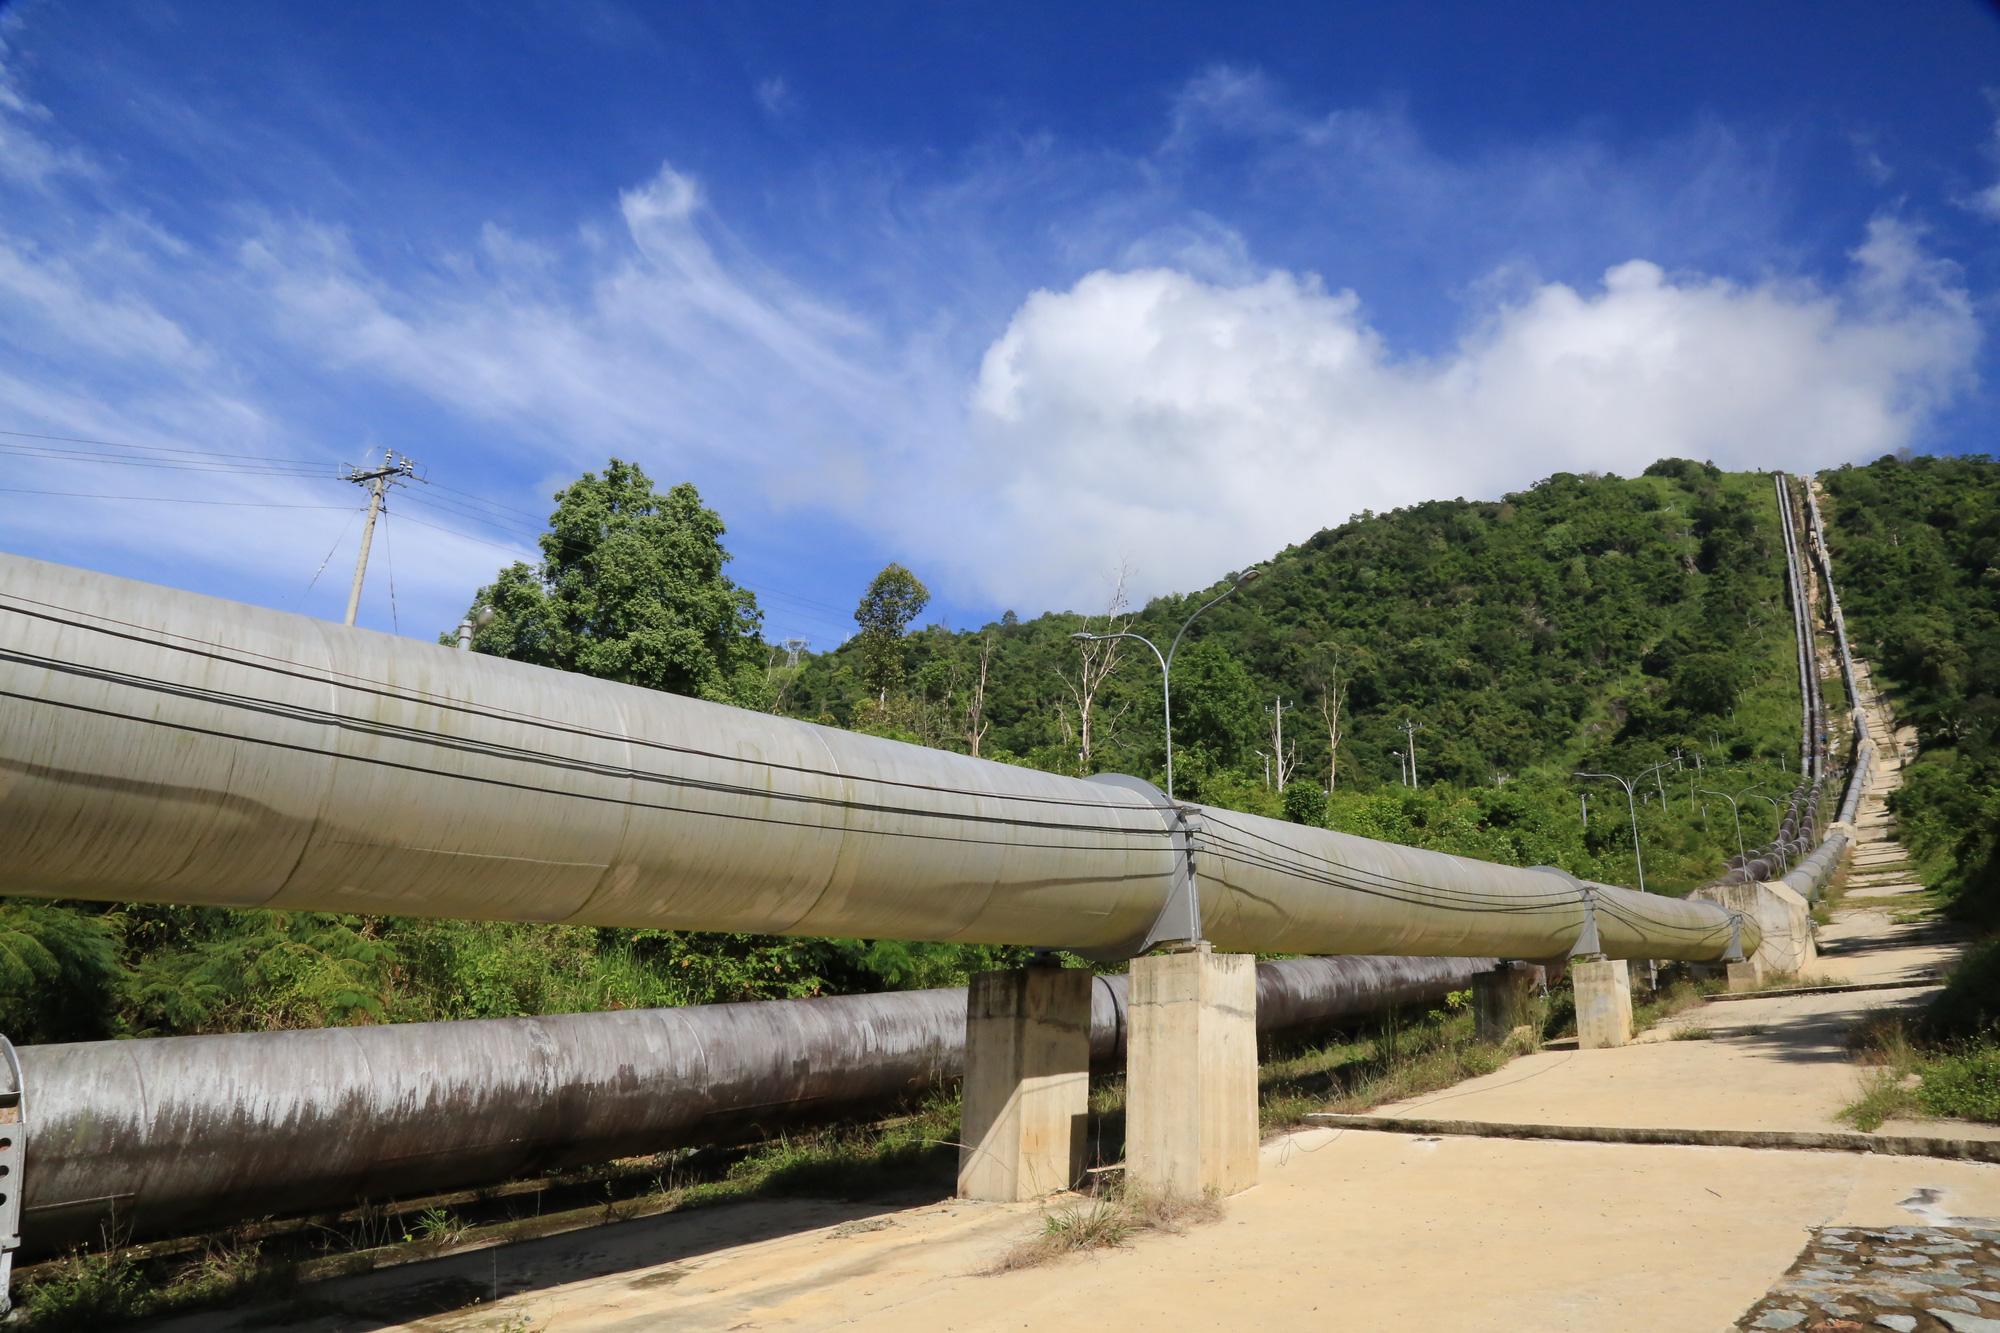 Tổ máy H5 Dự án mở rộng Nhà máy thủy điện Đa Nhim chính thức hoà lưới điện quốc gia - Ảnh 2.